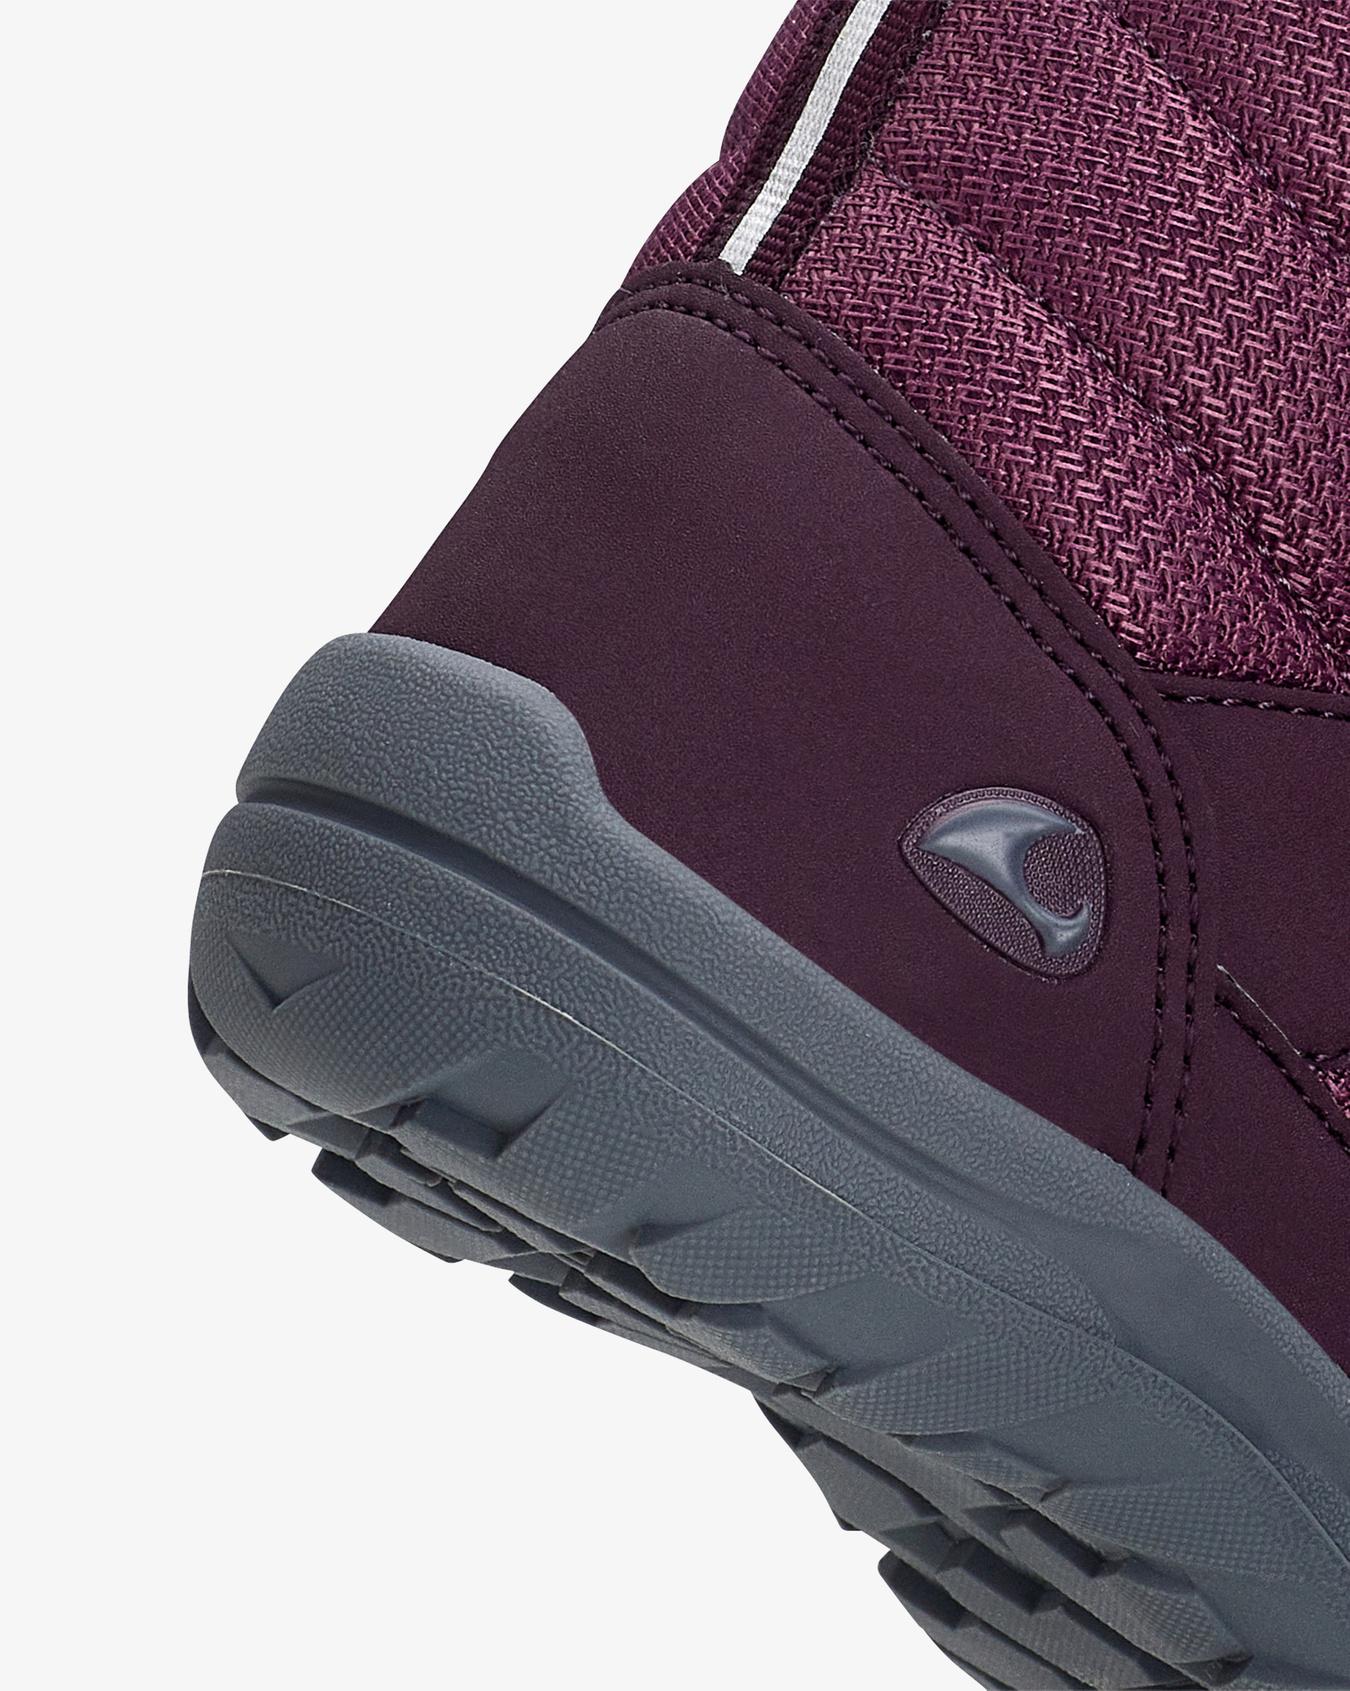 Vang GTX Plum Winter Boots